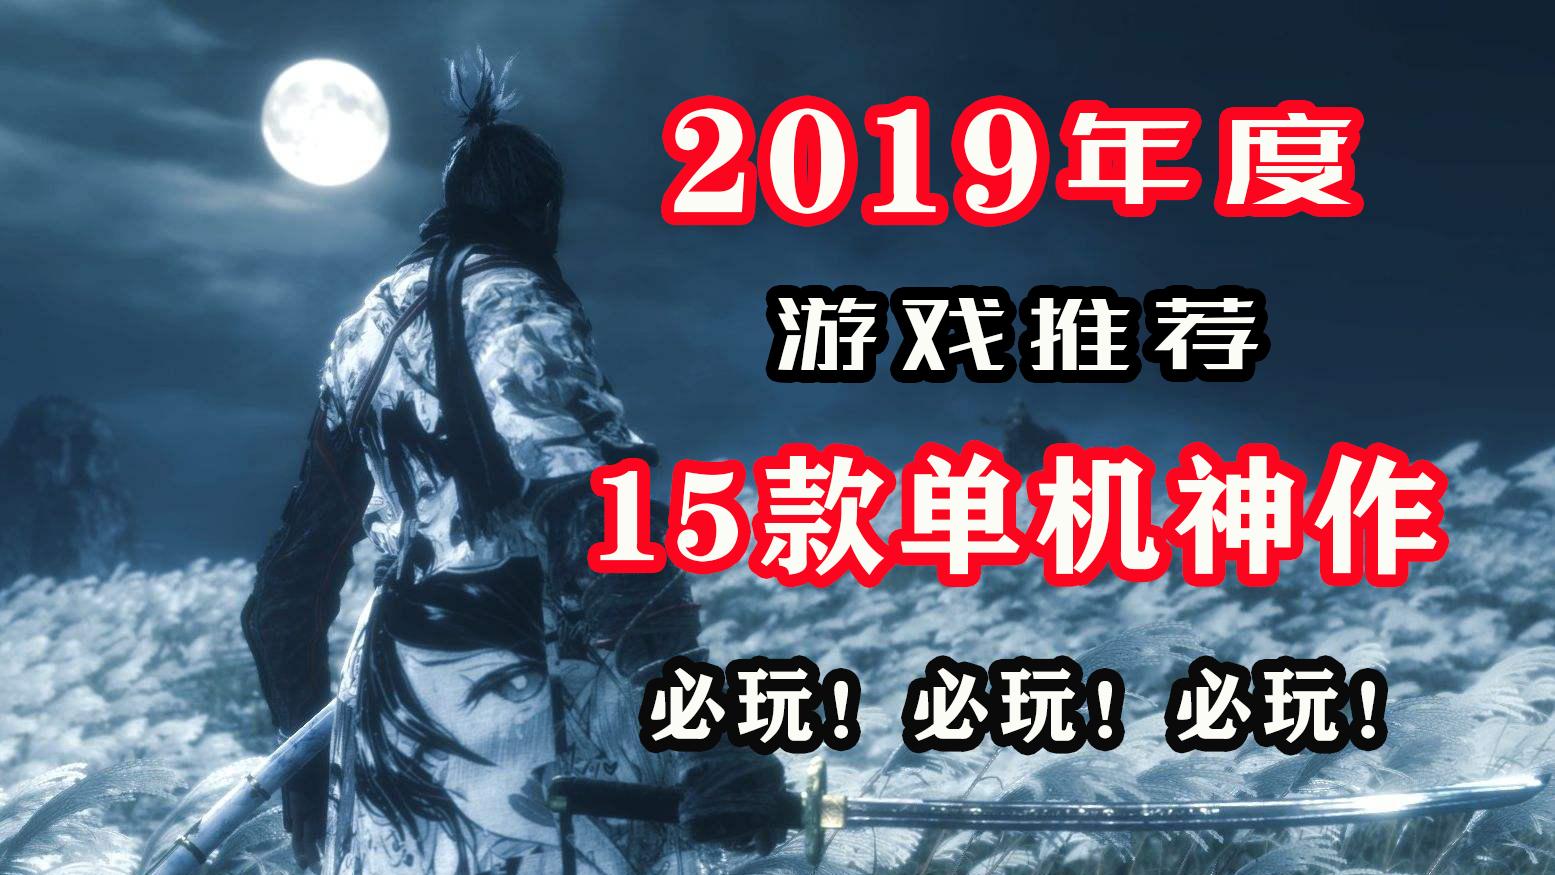 【年度游戏推荐】2019年全球15款最受欢迎单机游戏神作